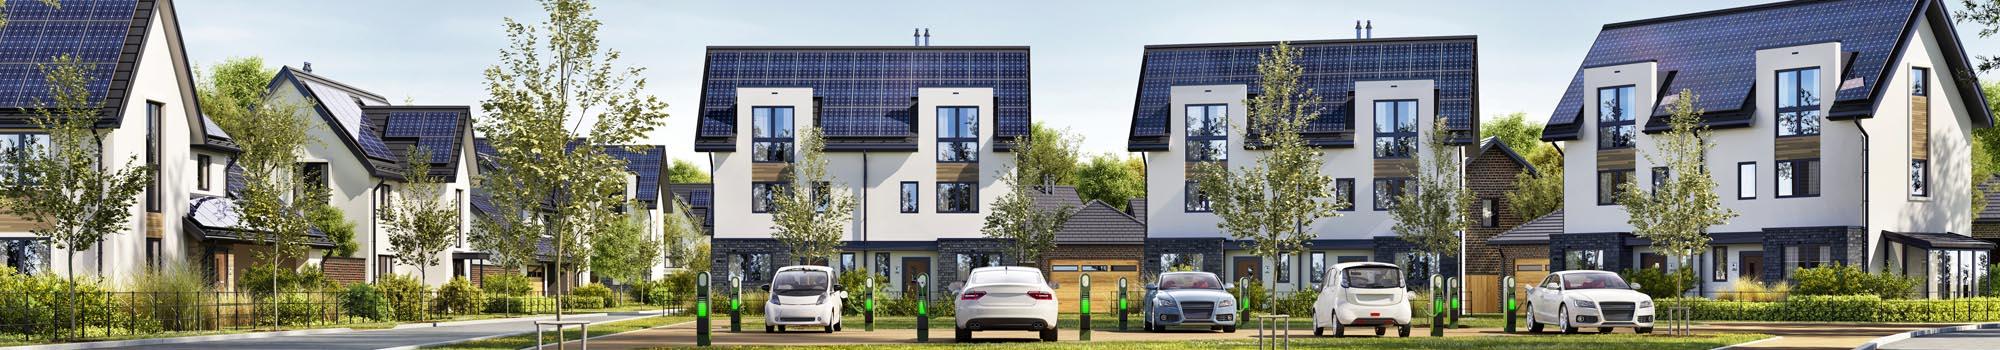 CC613 Immobilienwirtschaft